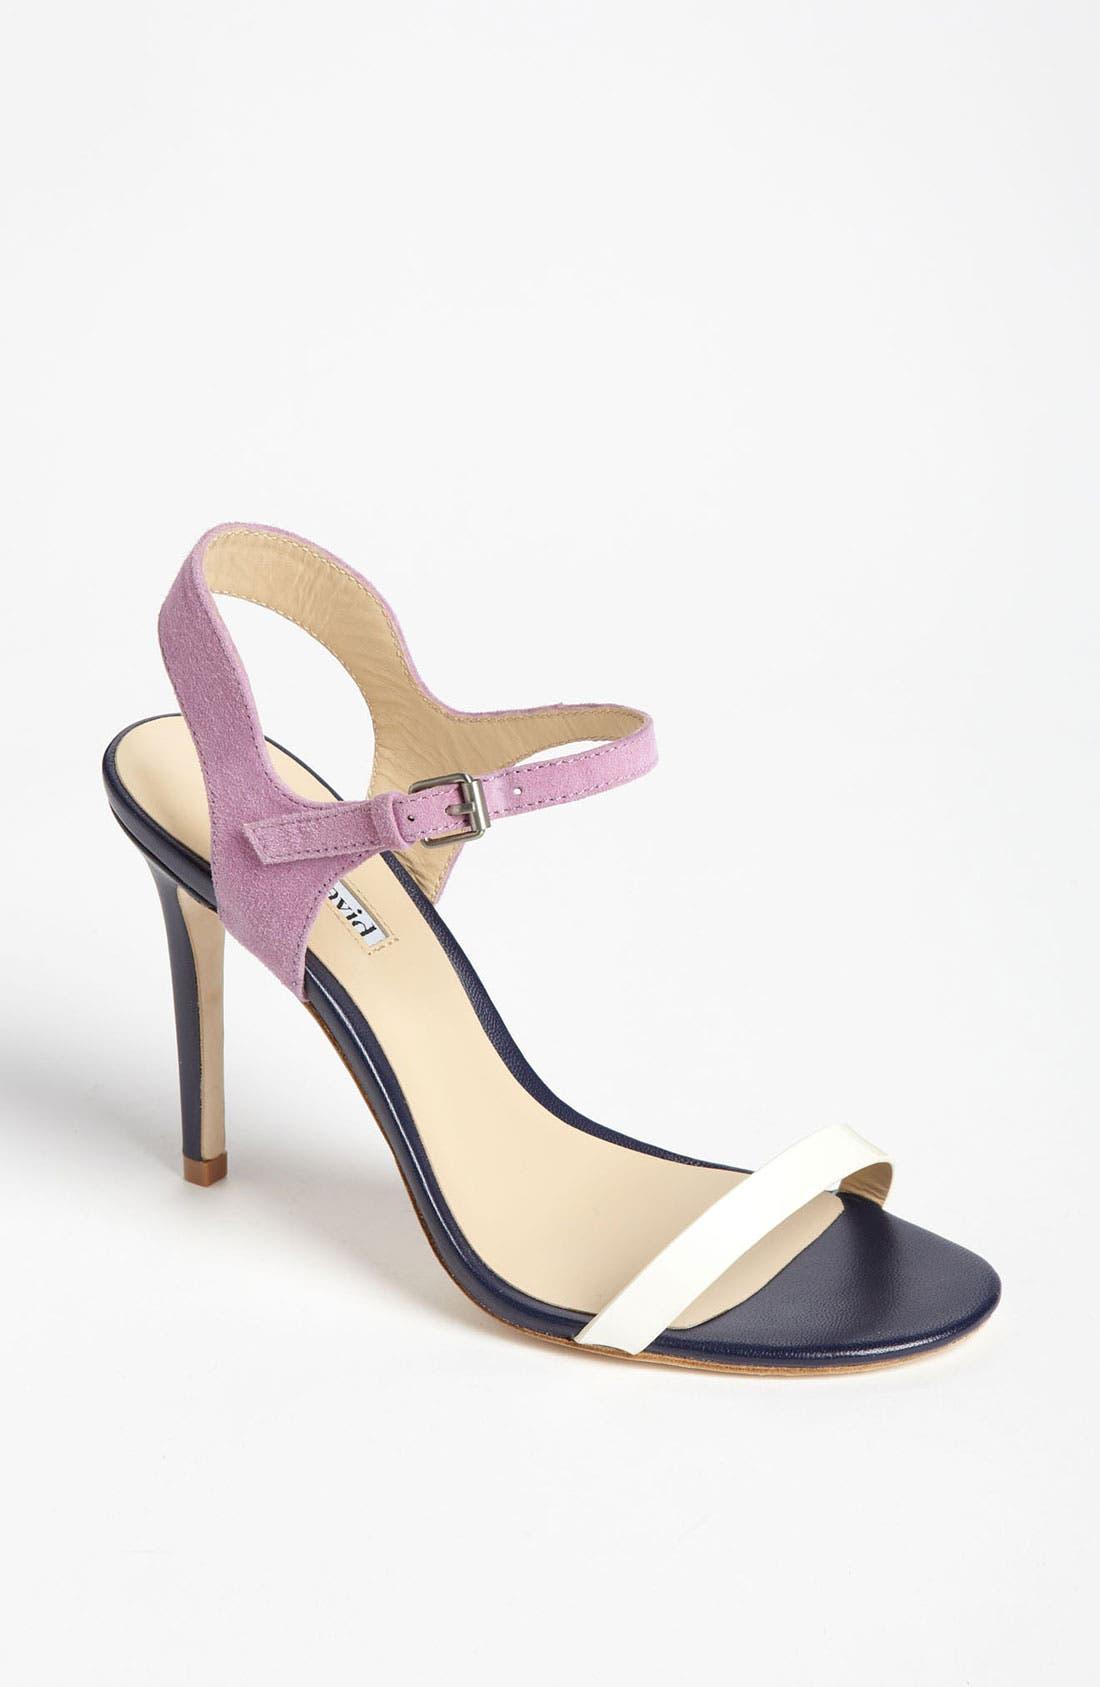 Alternate Image 1 Selected - Charles David 'Flambe' Sandal